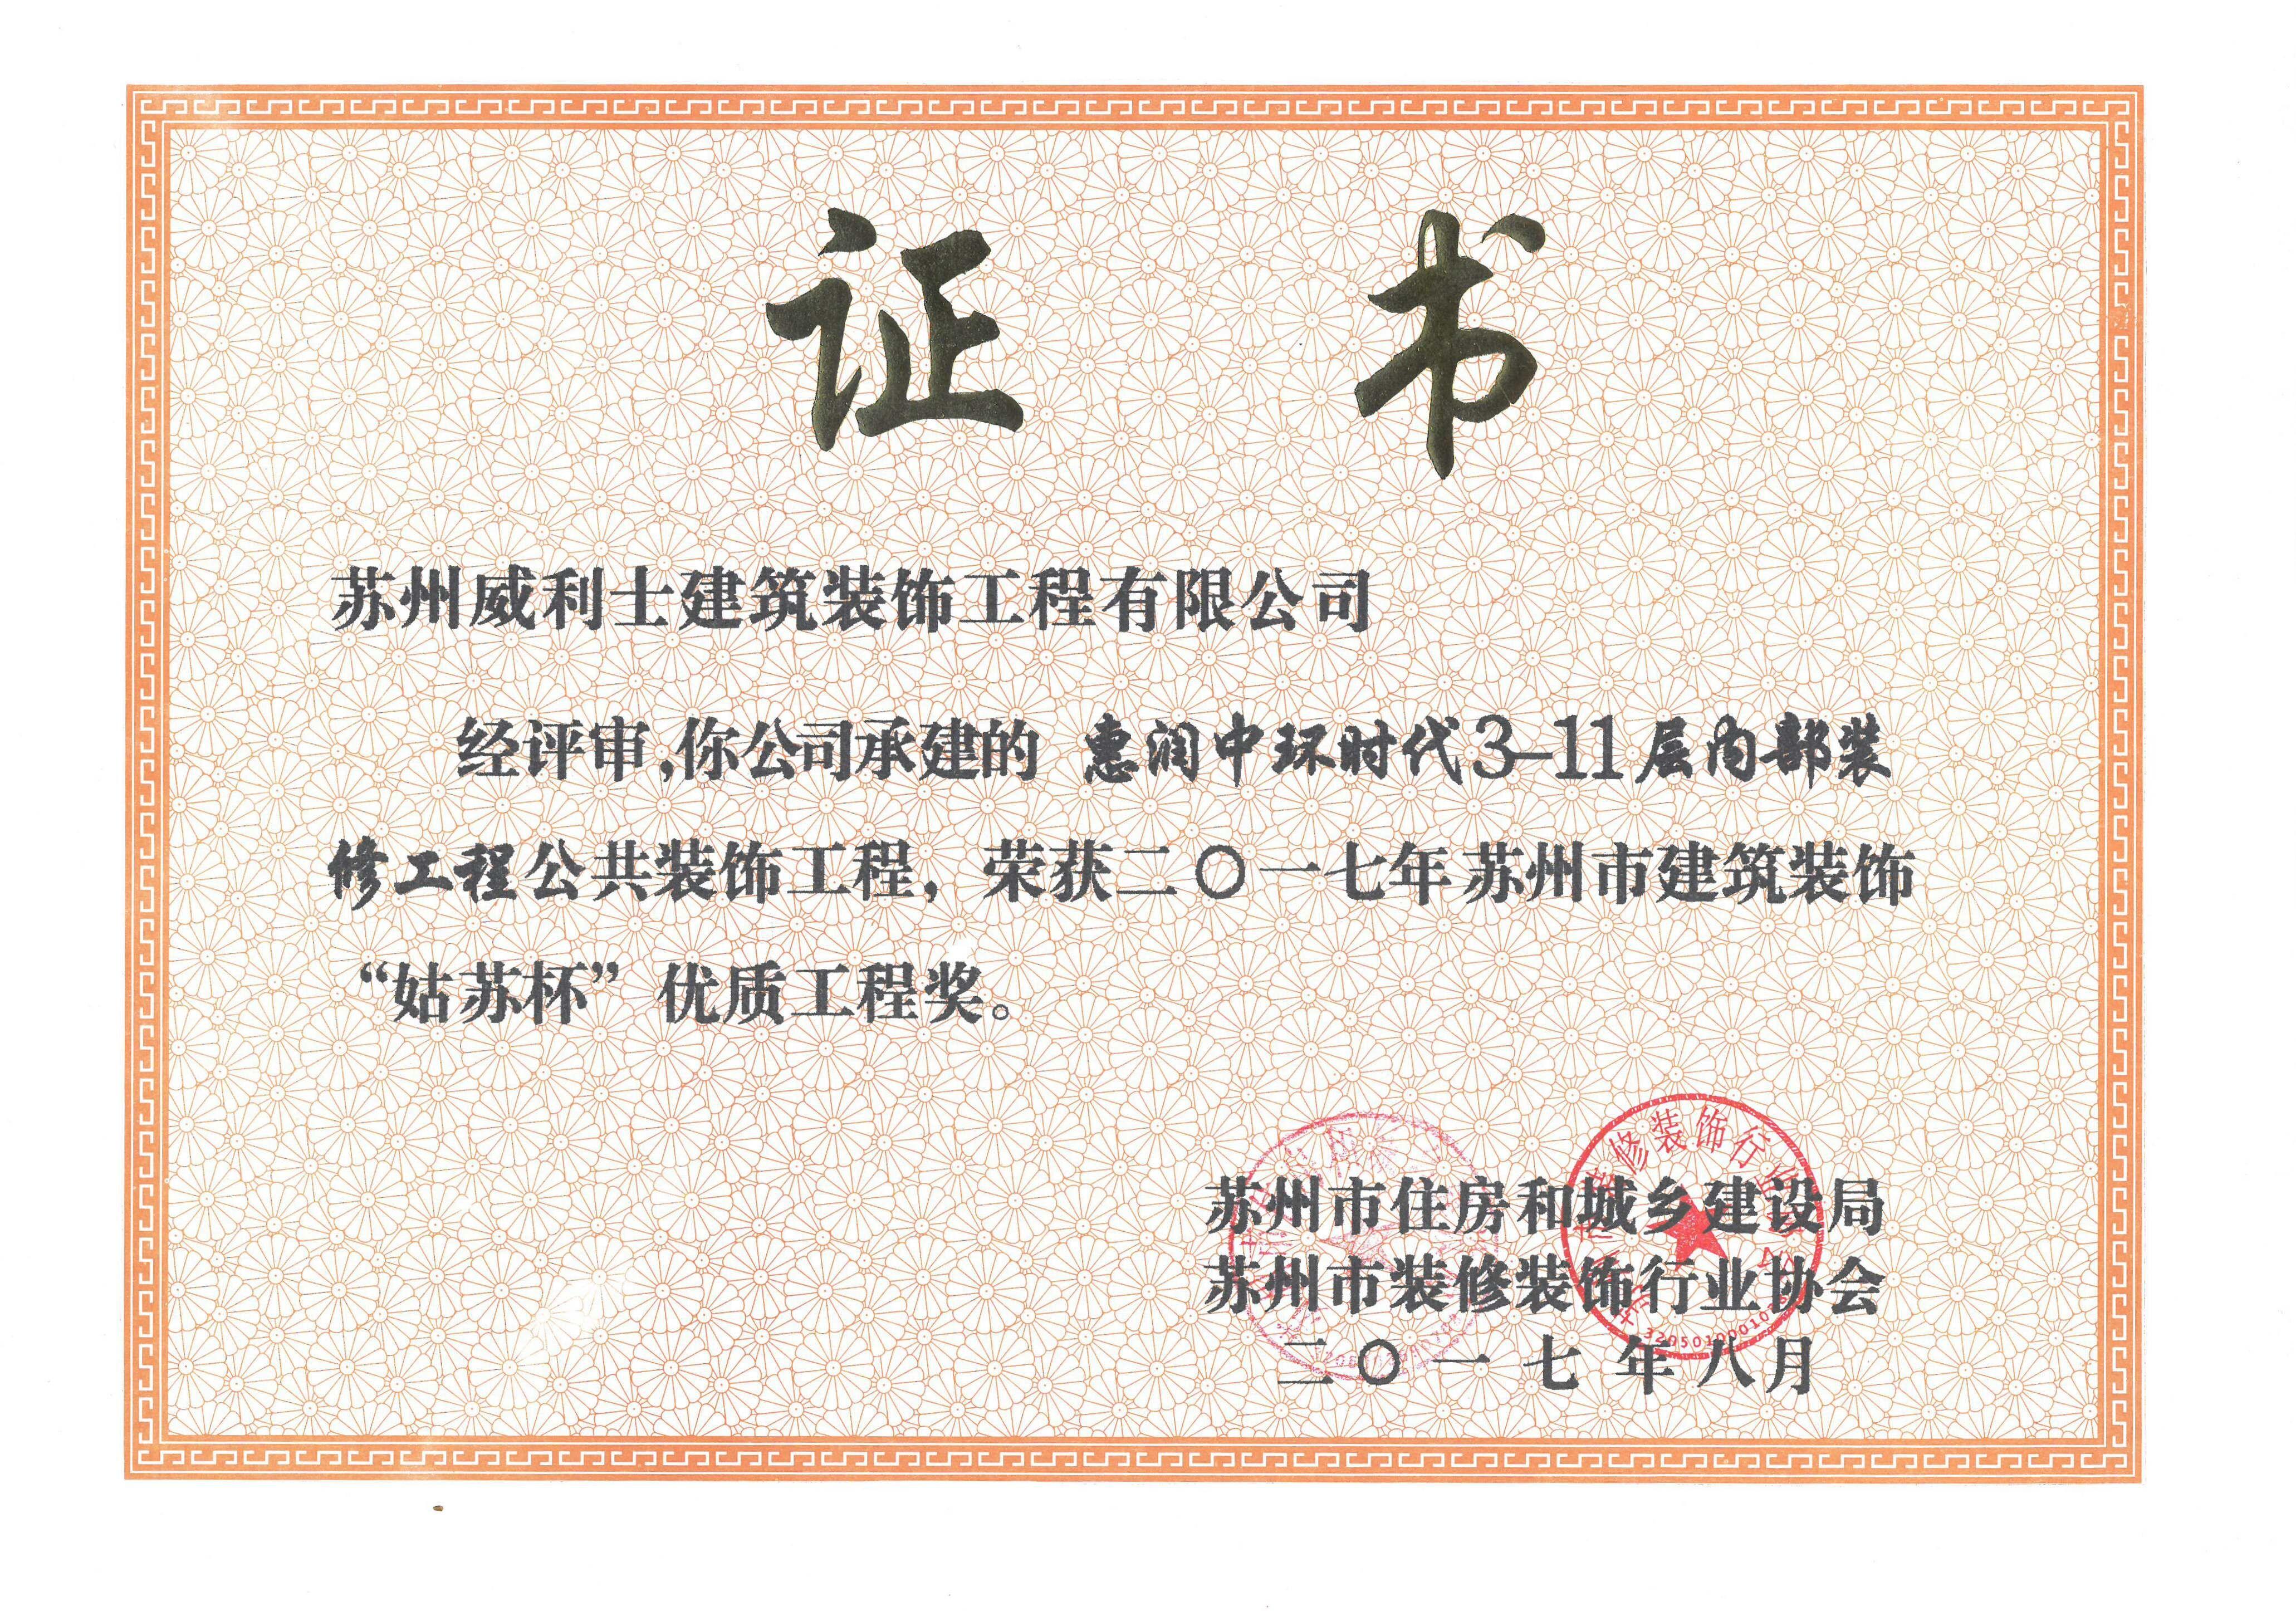 """惠润中环时代3-11层内部装修工程荣获""""姑苏杯""""优质工程奖"""